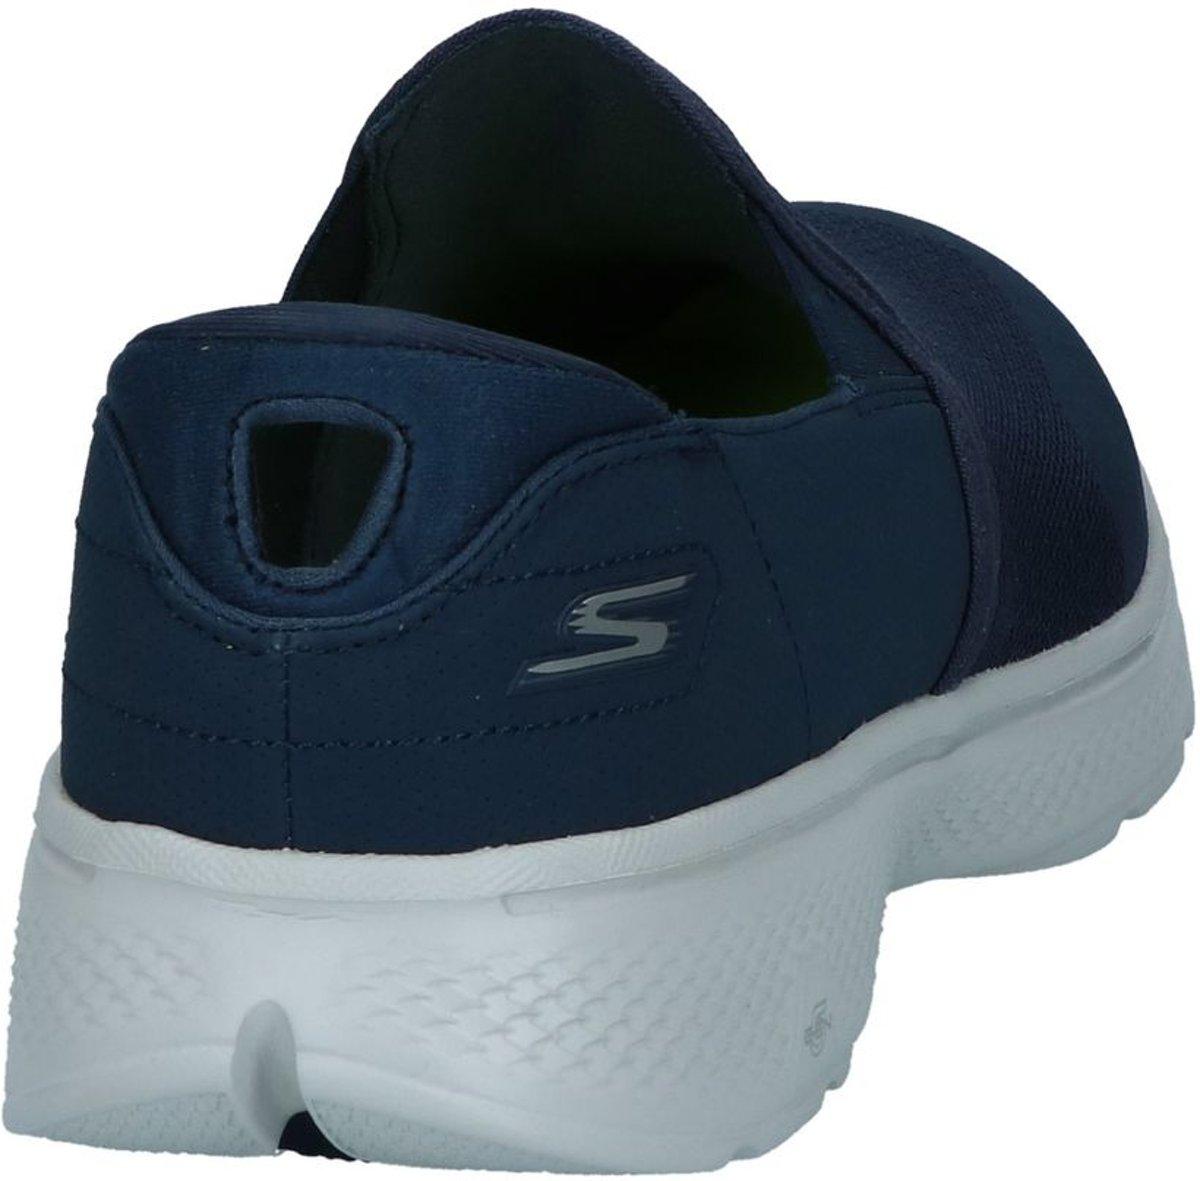 Henderson Chaussures Bleu Taille 41 Avec L'entrée Pour Les Hommes o7CsKF